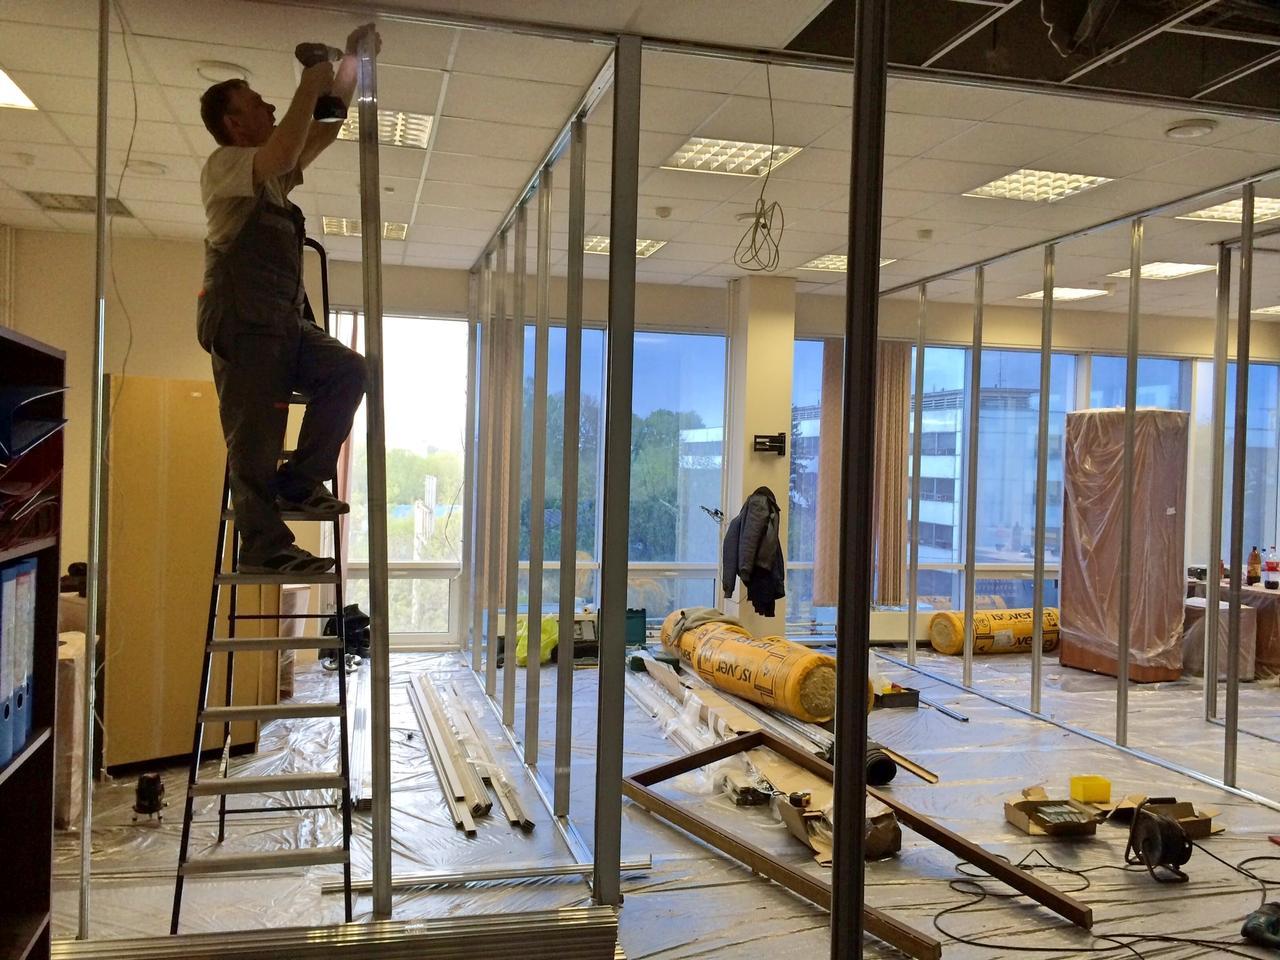 Установка стеклянных душевых кабин, офисных перегородок - фото 2